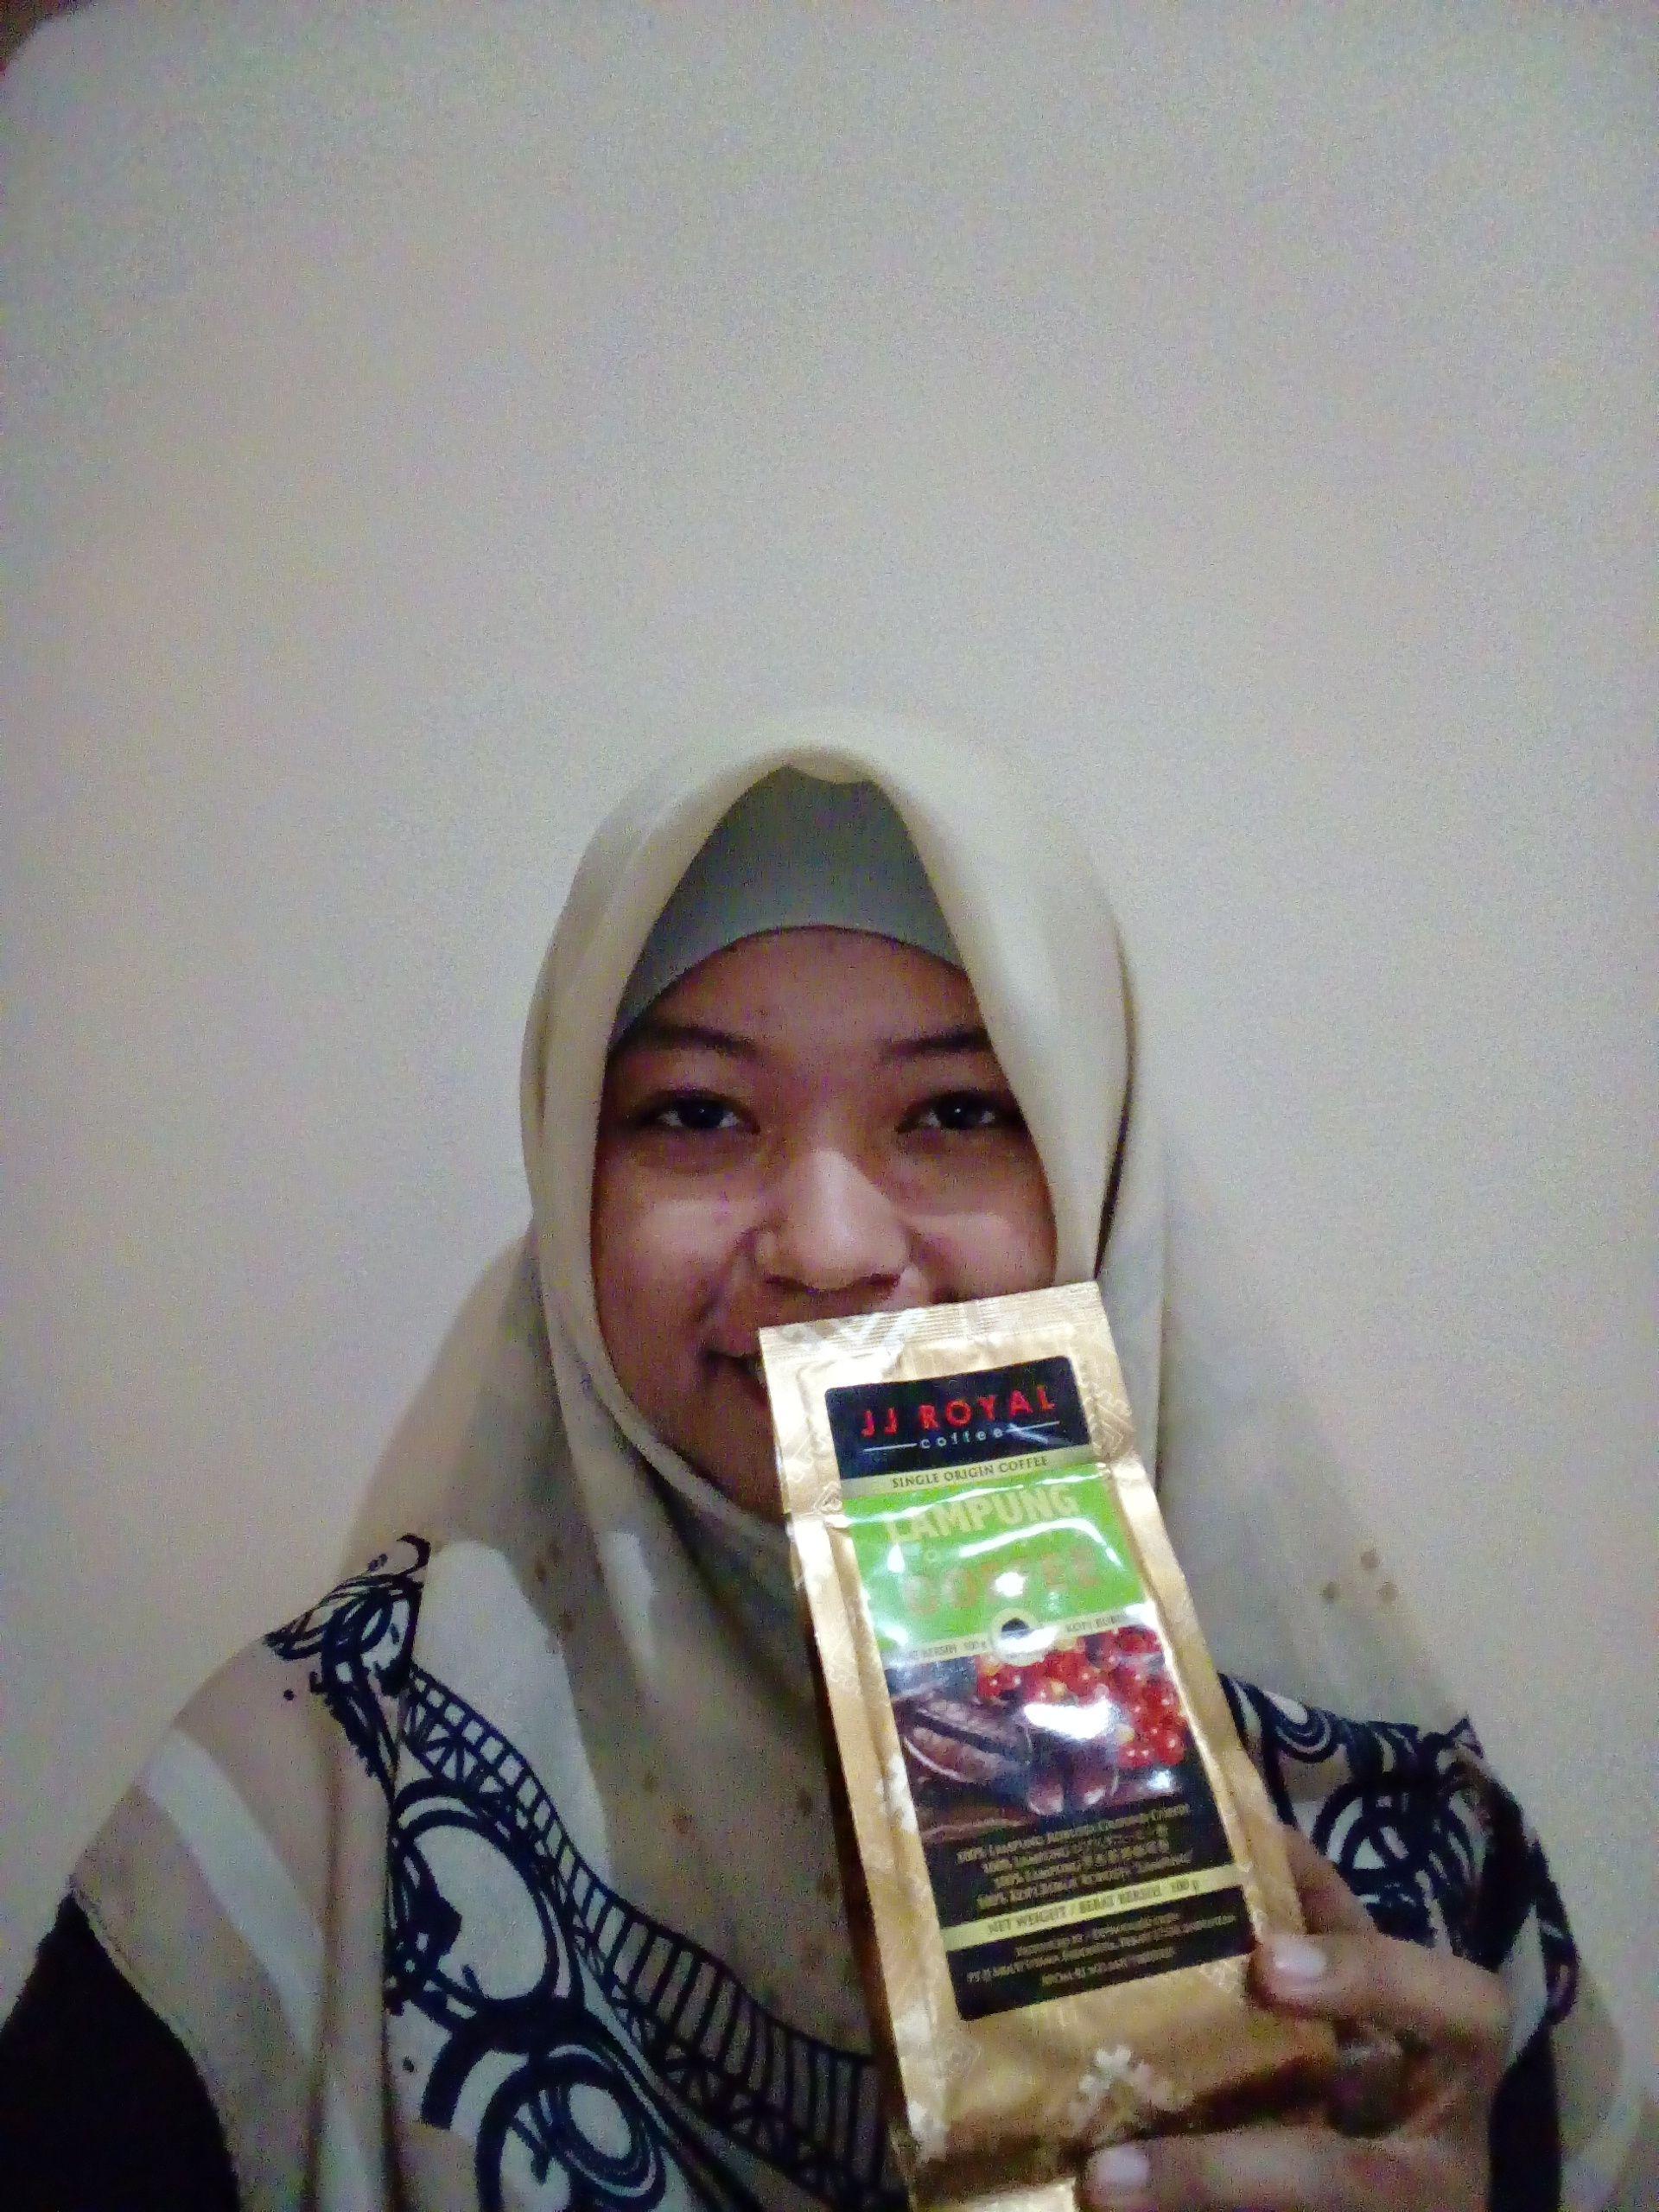 gambar review ke-1 untuk JJ Royal Lampung Robusta Coffee